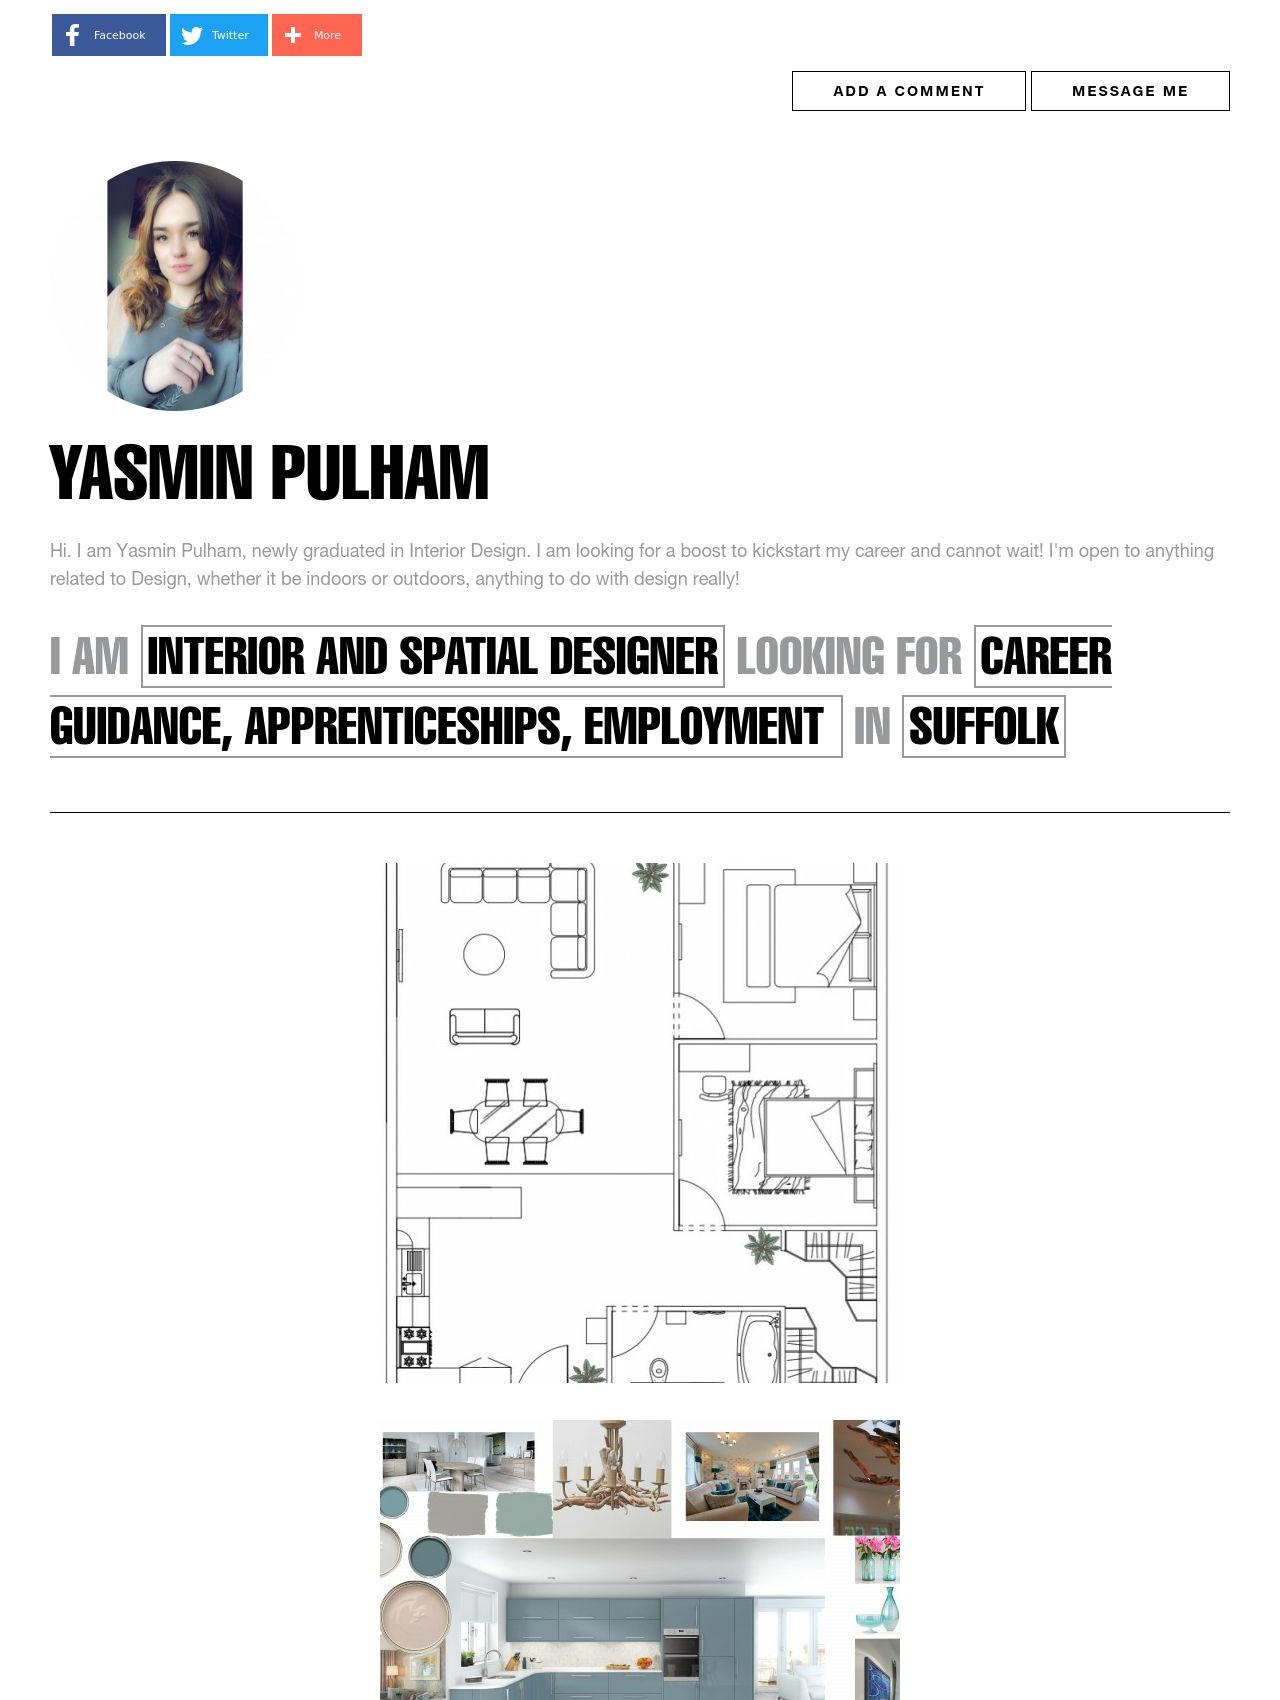 Yasmin Pulham